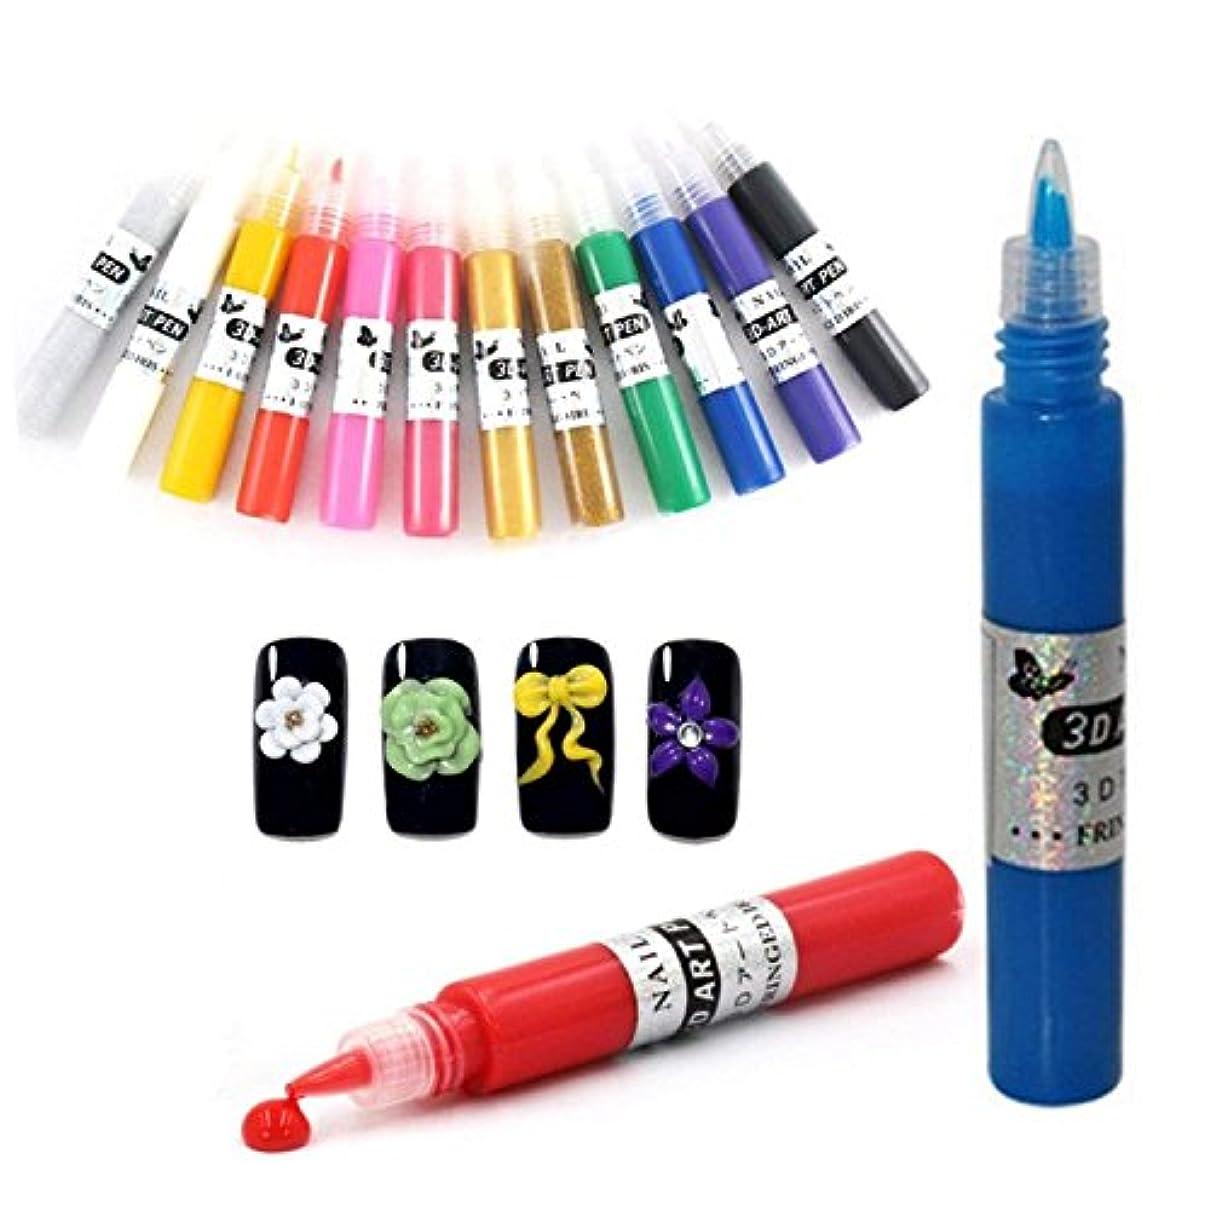 未接続制約岩ネイルアートペン  3Dネイルアートペン ネイルマニキュア液 ペイントペン DIY 12色